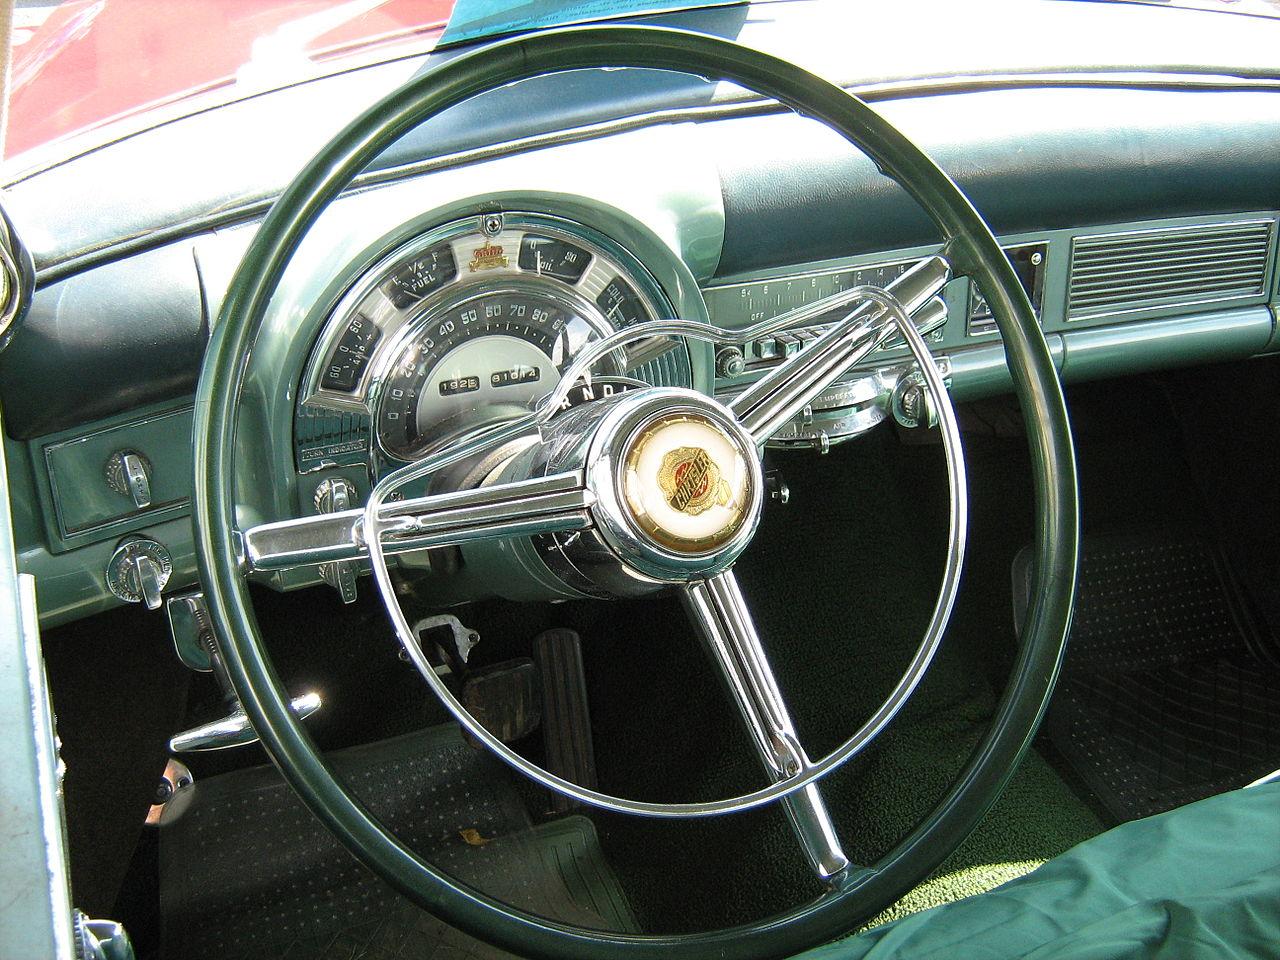 1951 Imperial Wiring Diagram 1951 Chrysler 2 Door Hardtop Wiring September  13 1951 1951 Imperial Wiring Diagram